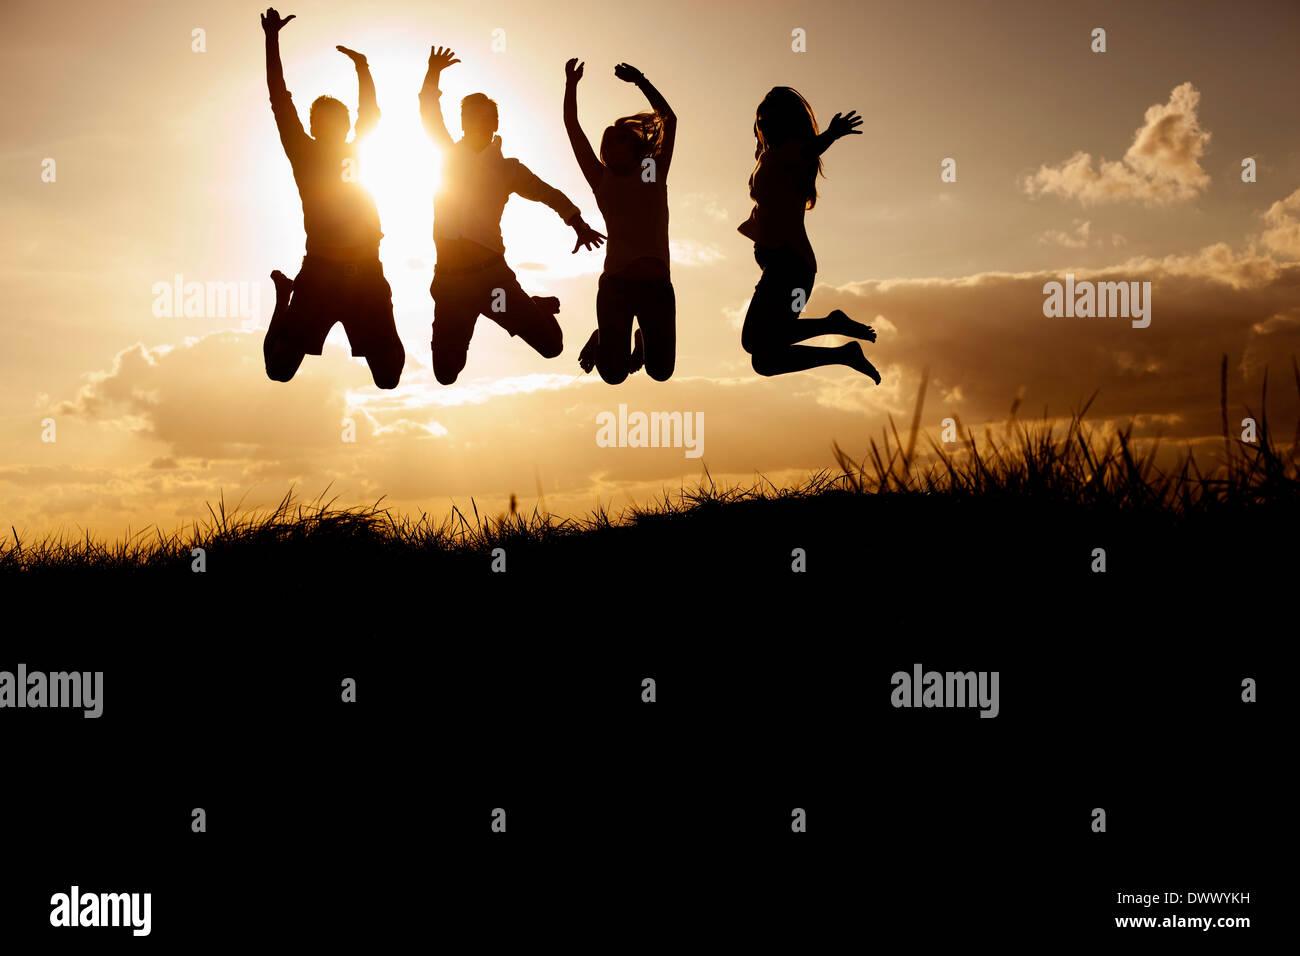 Imagen siluetas de amigos saltando en la playa contra el cielo Imagen De Stock